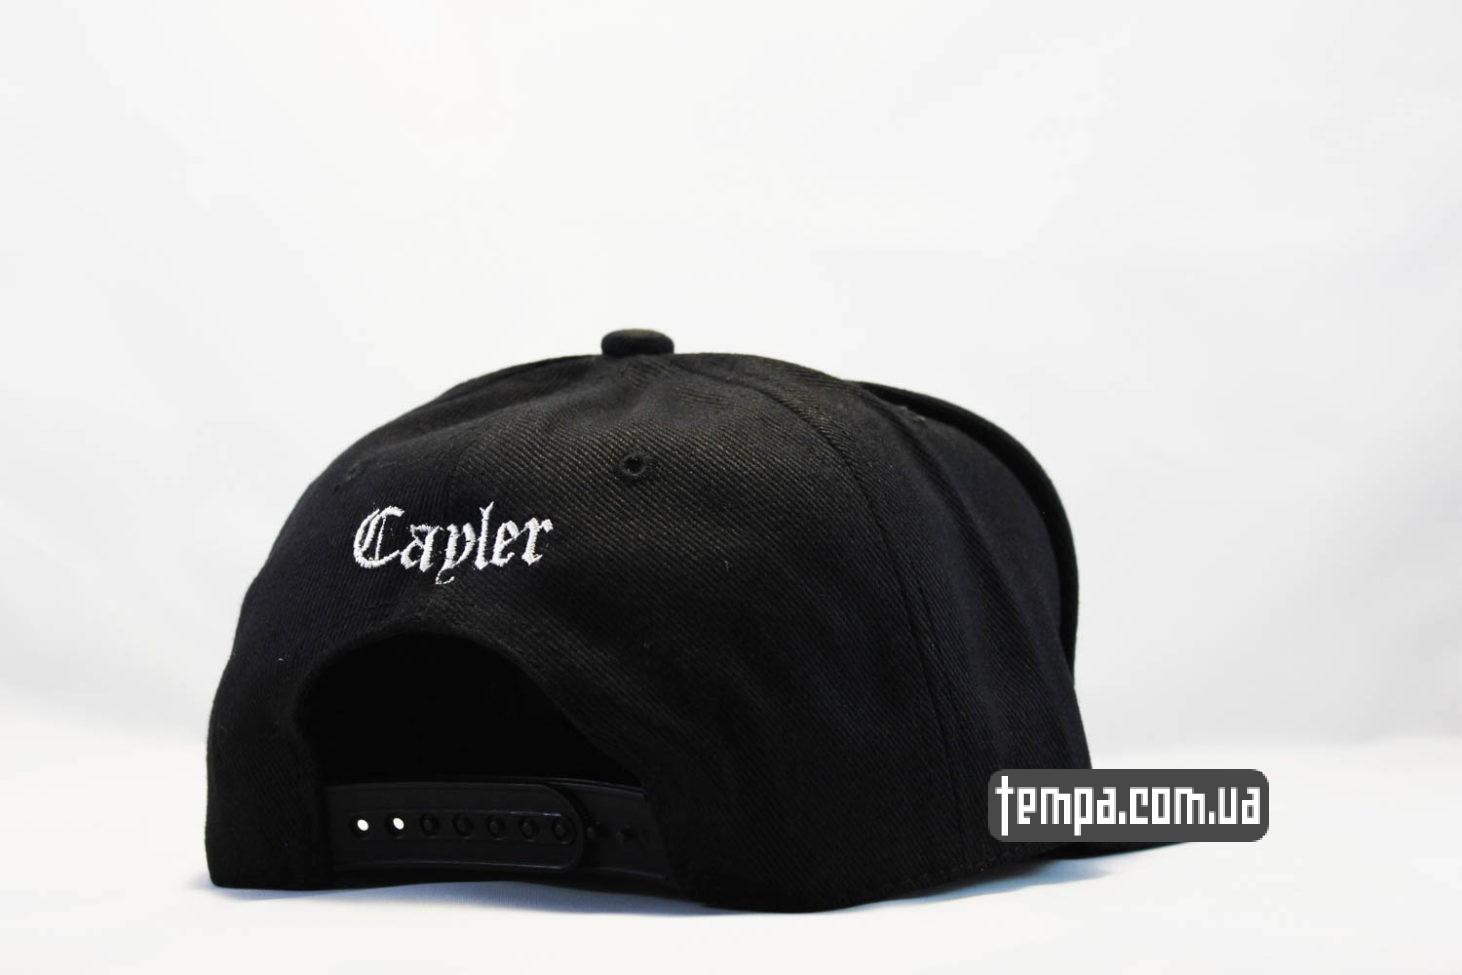 реперская одежда Украина кепка snapback Cali Love Cayler and Sons купить Украина